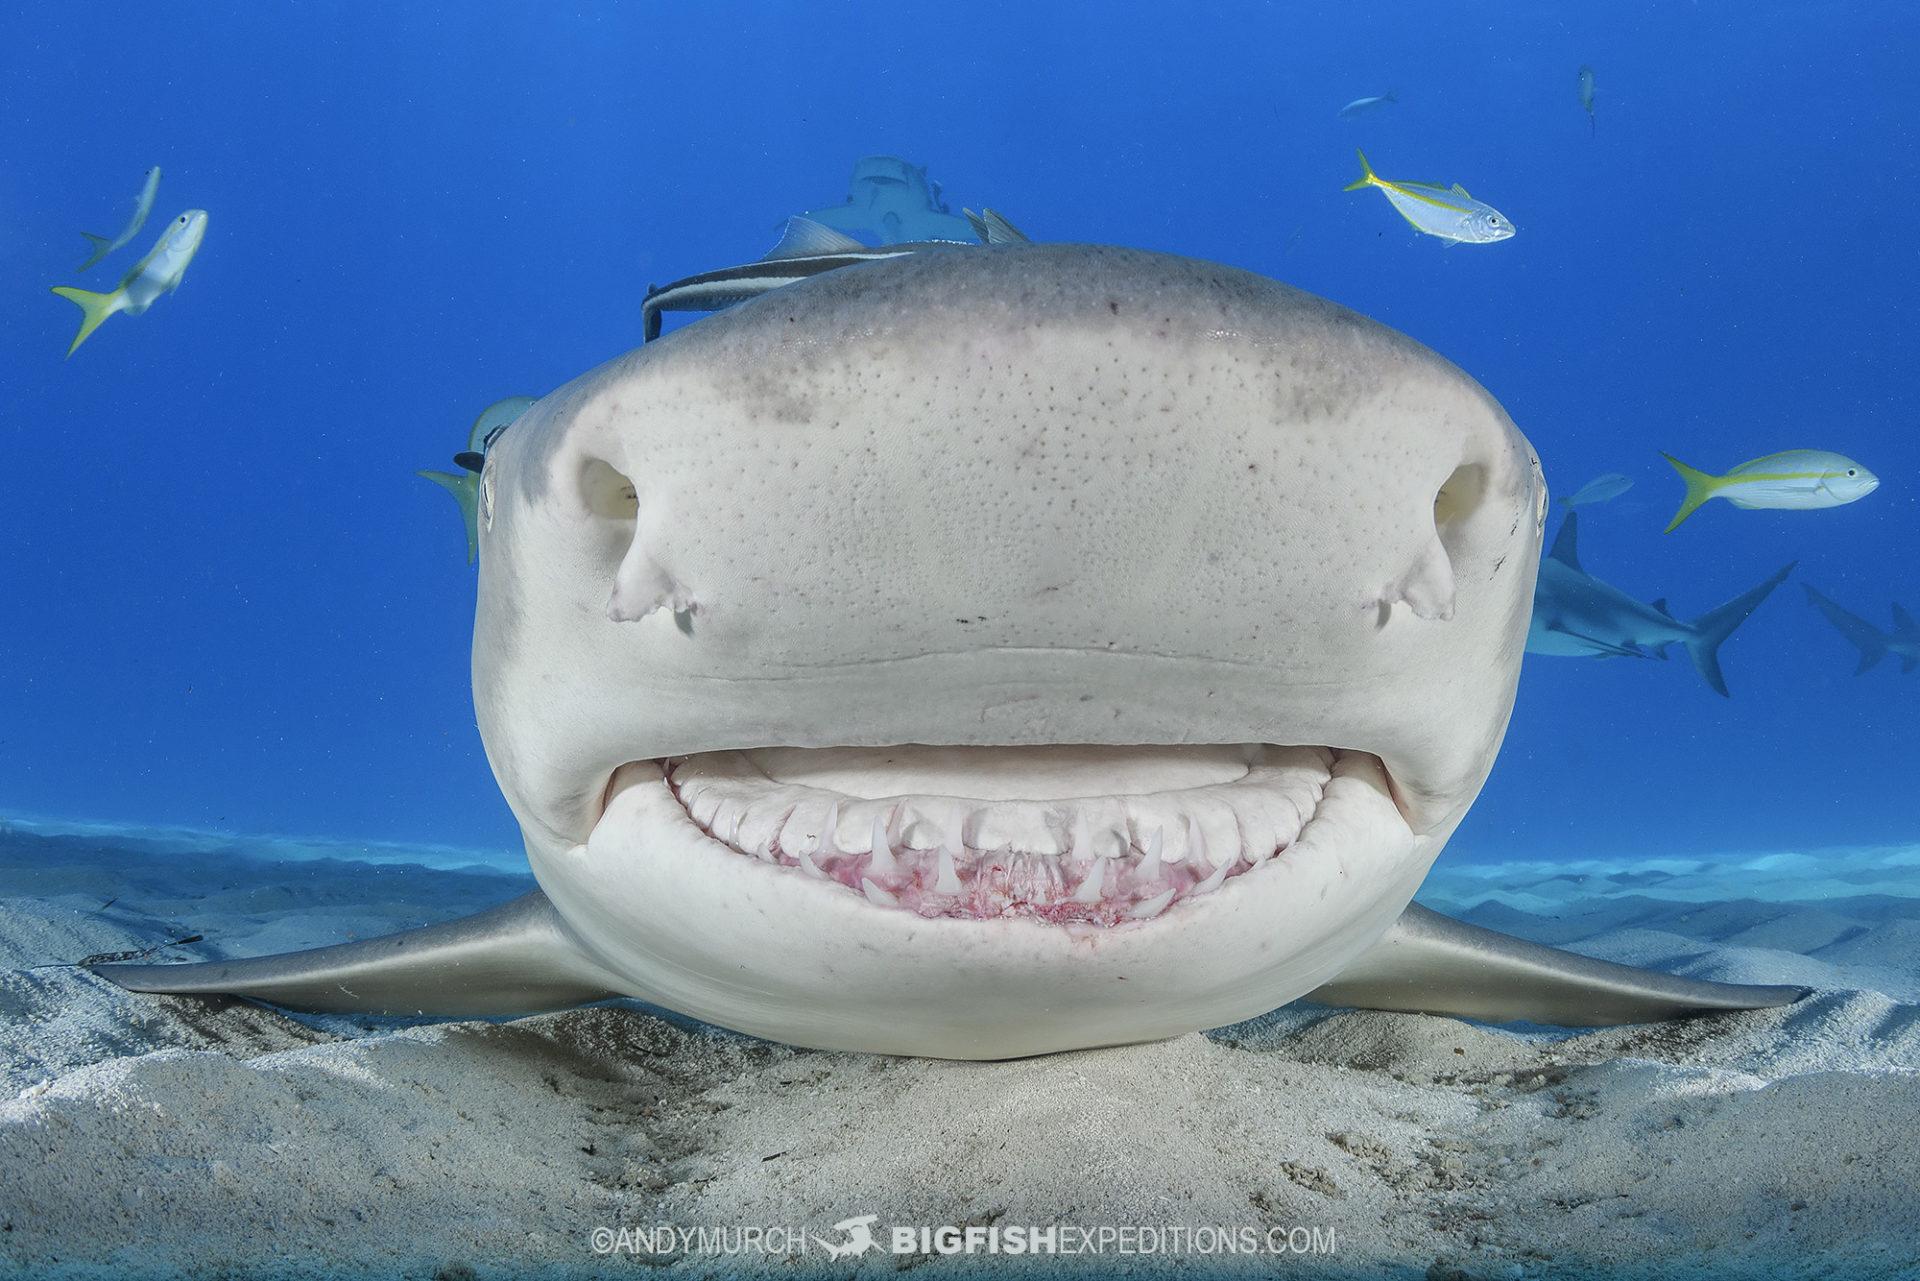 Lemon Shark check-out dive